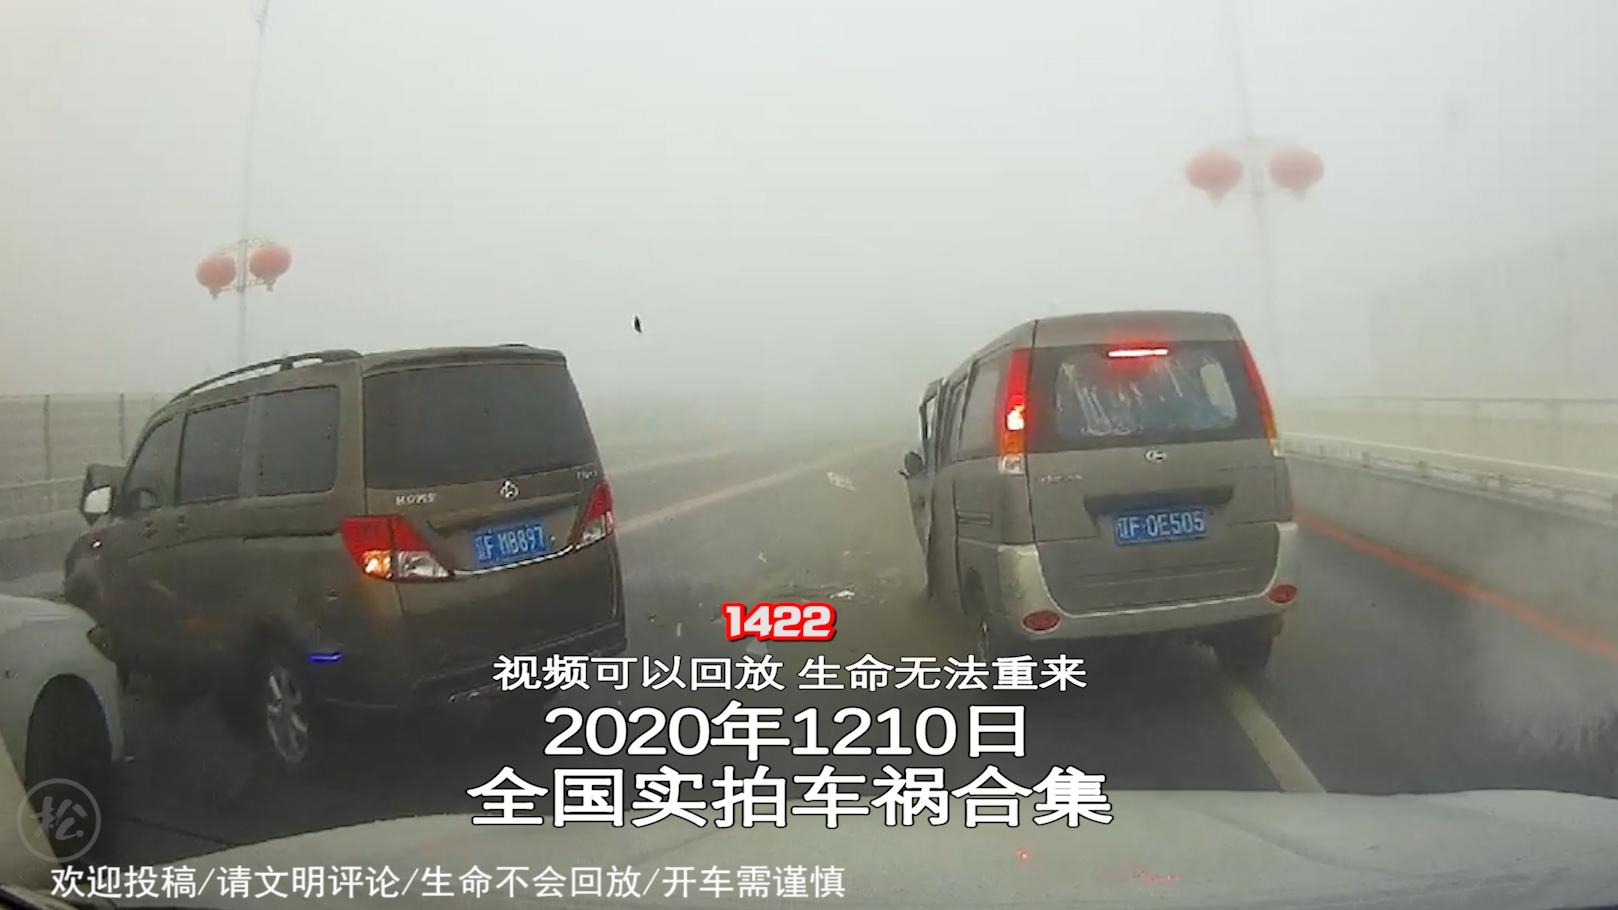 1422期:暴躁小车连续别车,最后自己被反杀【20201210全国车祸合集】